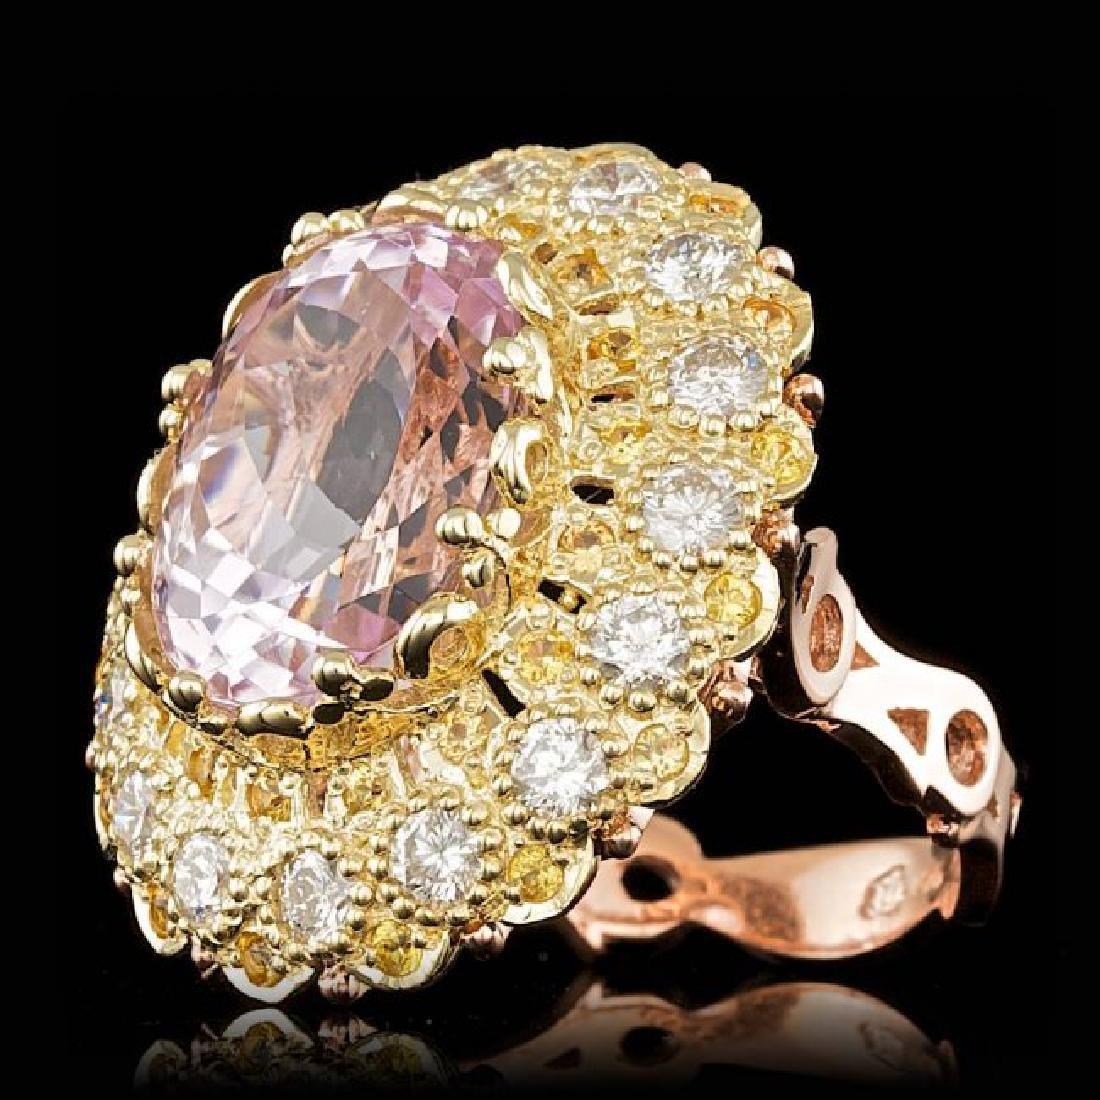 14k Gold 14.00ct Kunzite 2.05ct Diamond Ring - 2